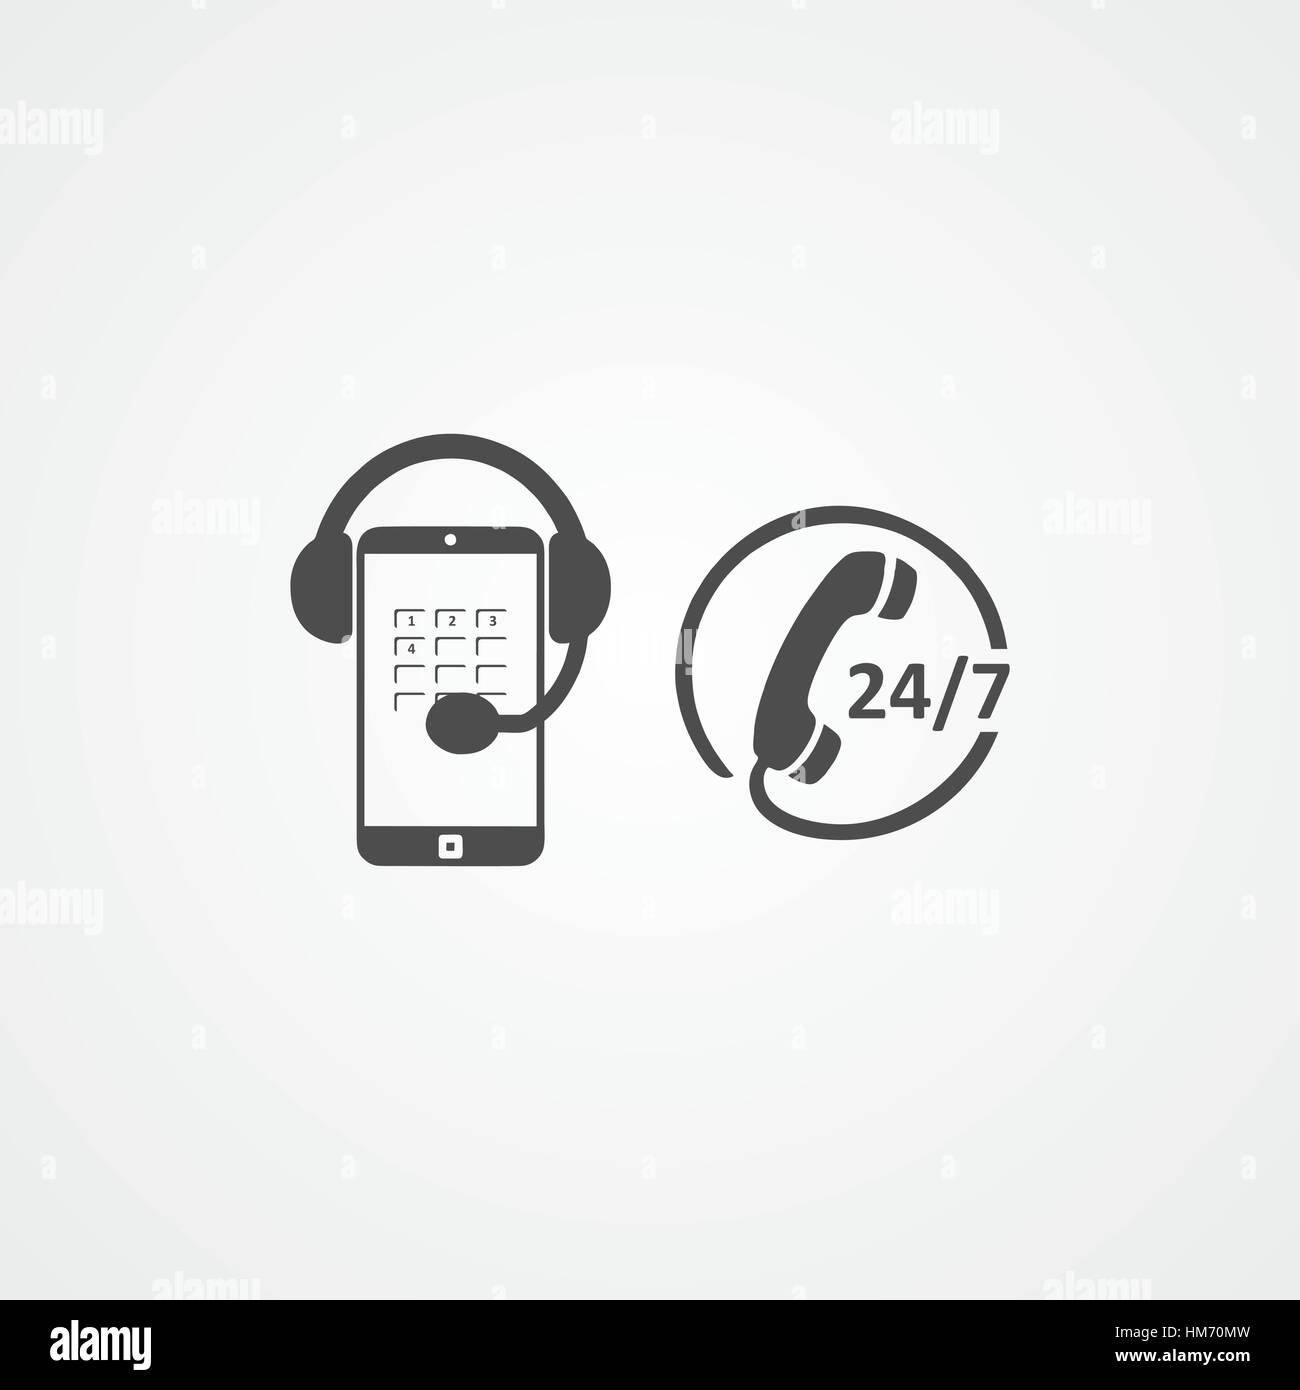 Customer service icon. Customer care. - Stock Vector